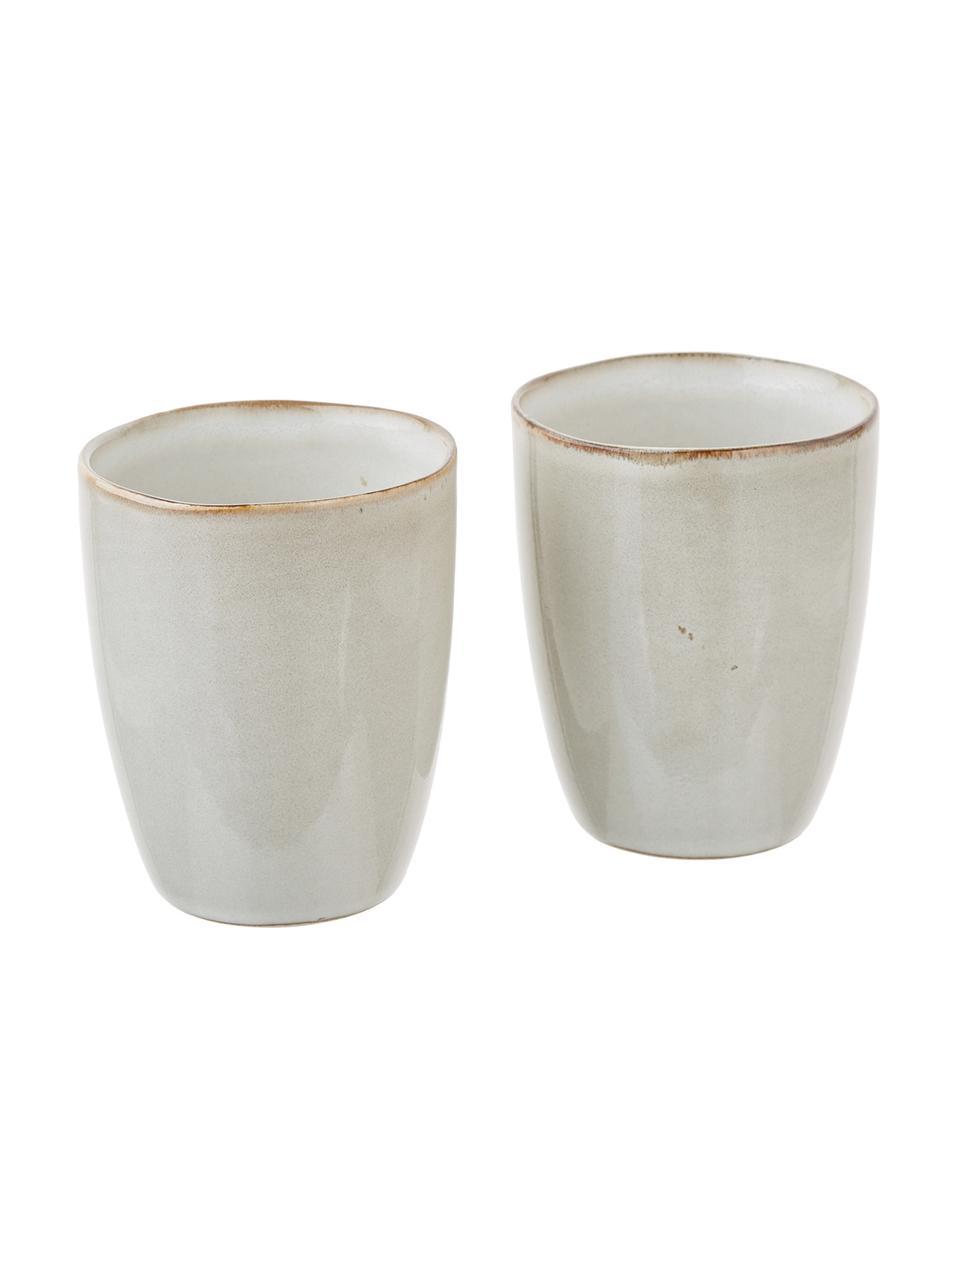 Handgemaakte keramische bekers Thalia in beige, 2 stuks, Keramiek, Beige, Ø 9 x H 11 cm